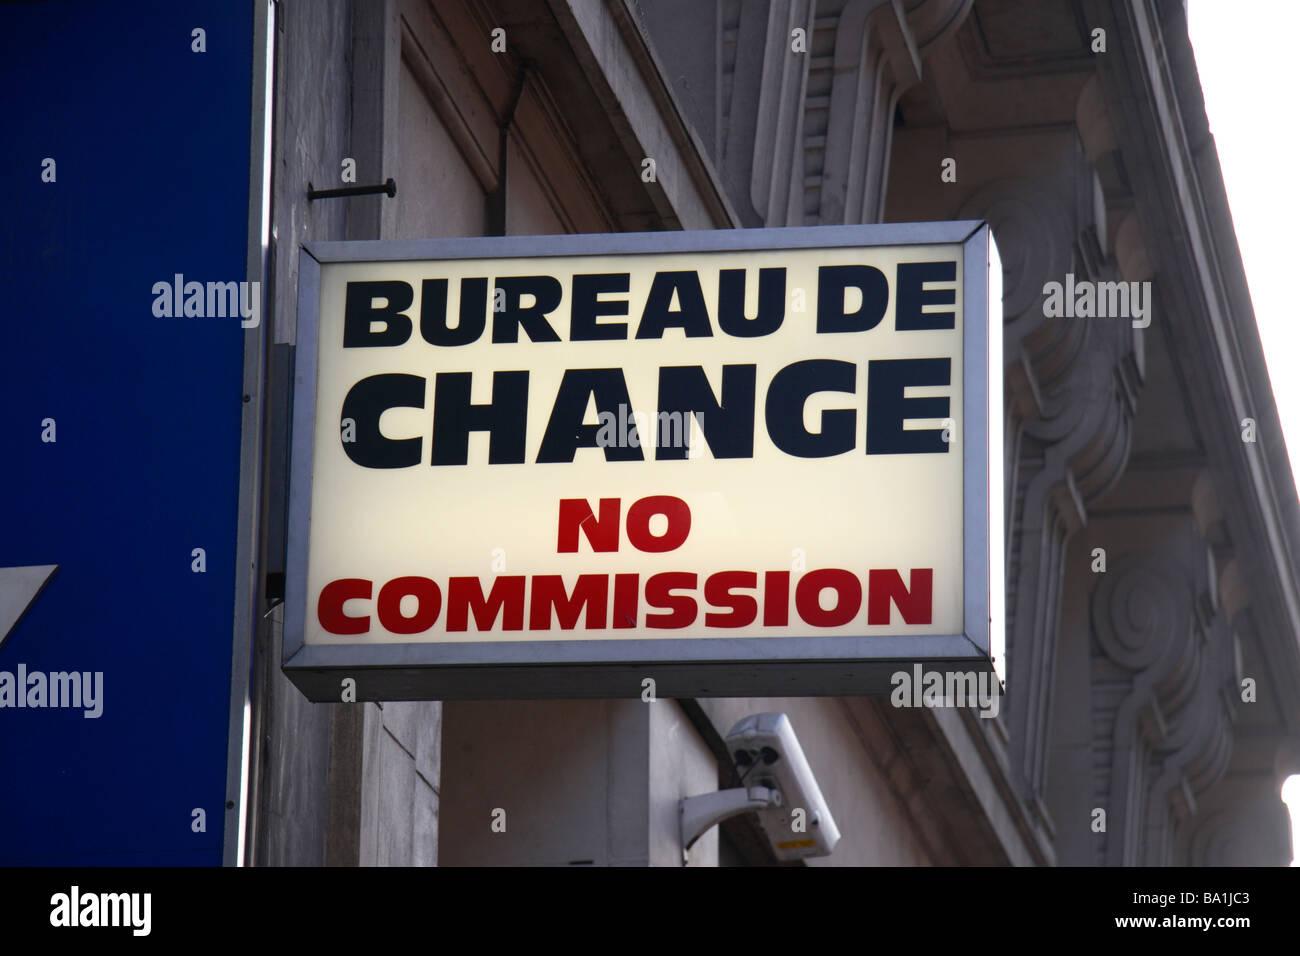 un generique bureau de change sans commission signe au dessus d un magasin sur oxford street a londres